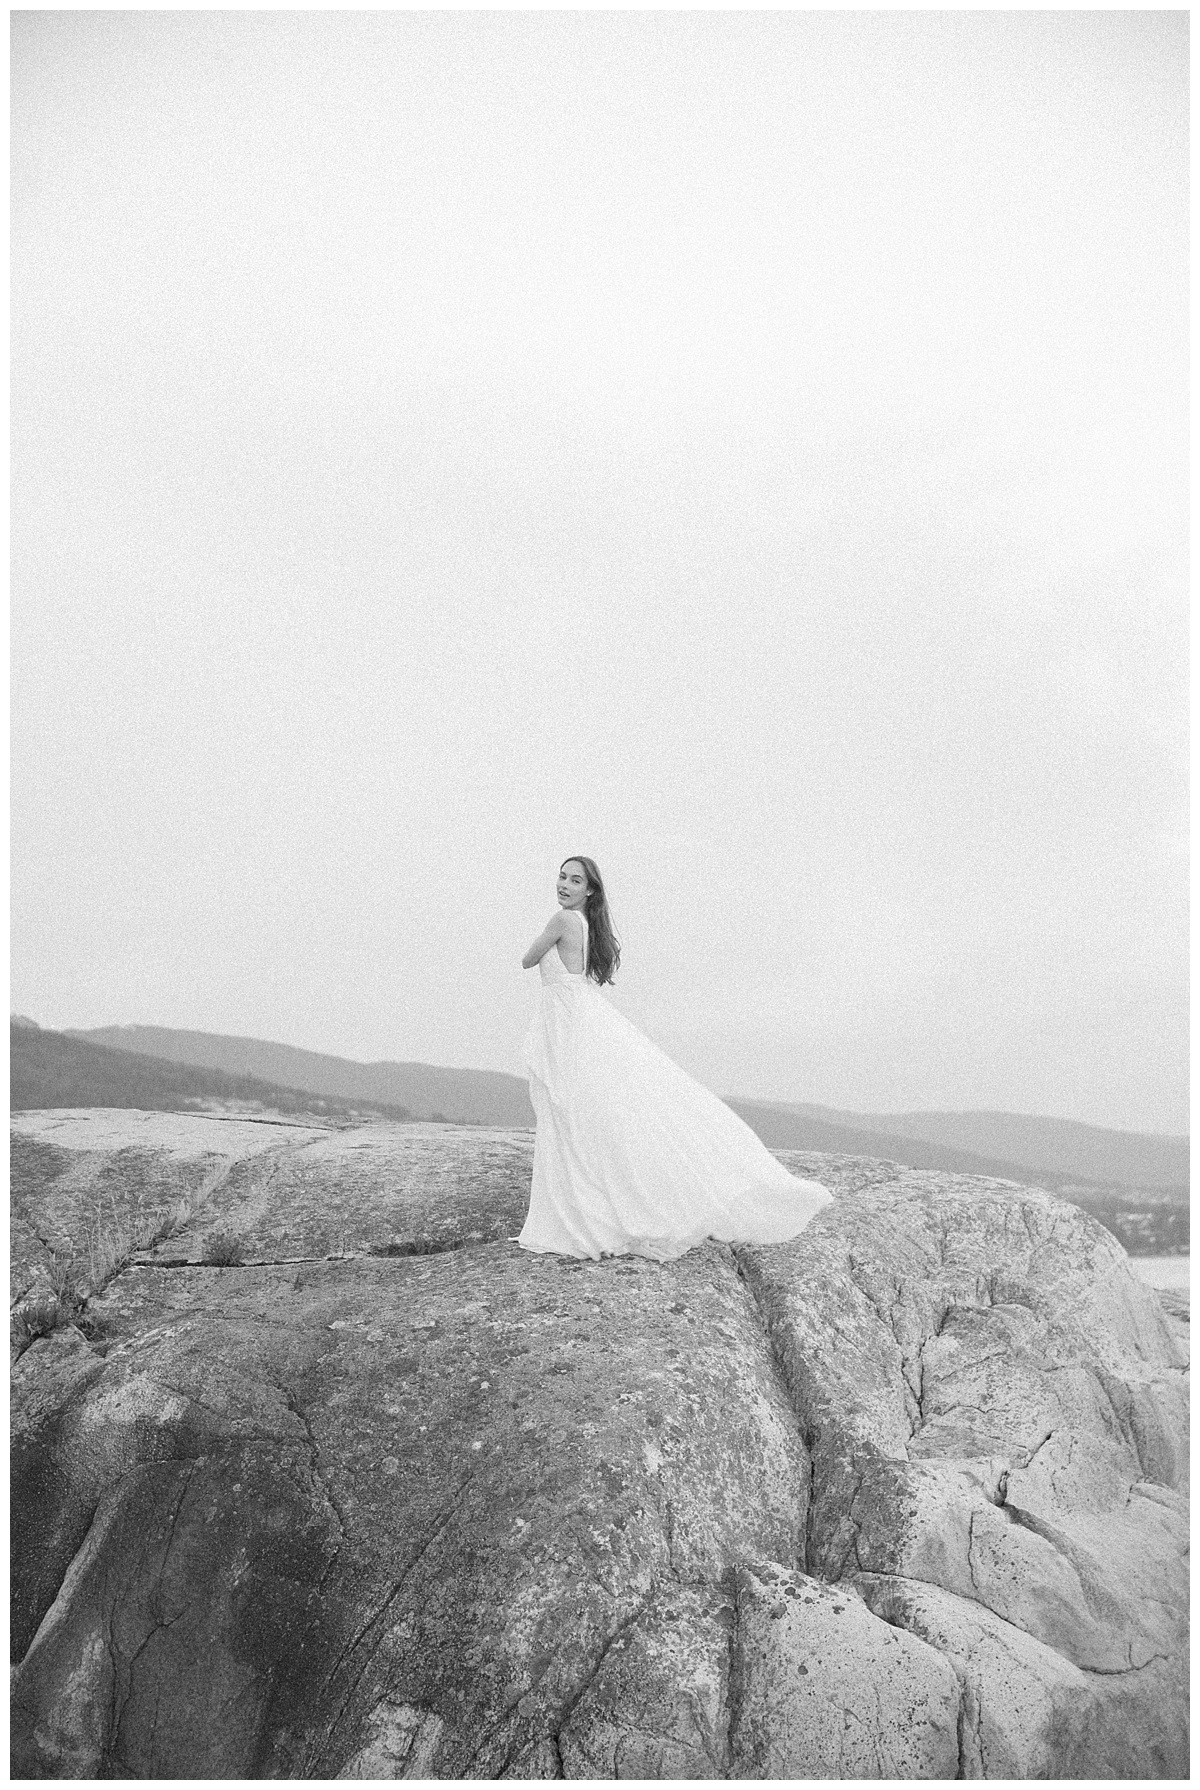 Hong Kong Fine Art Wedding Prewedding Photographer Mattie C. 00022.jpg